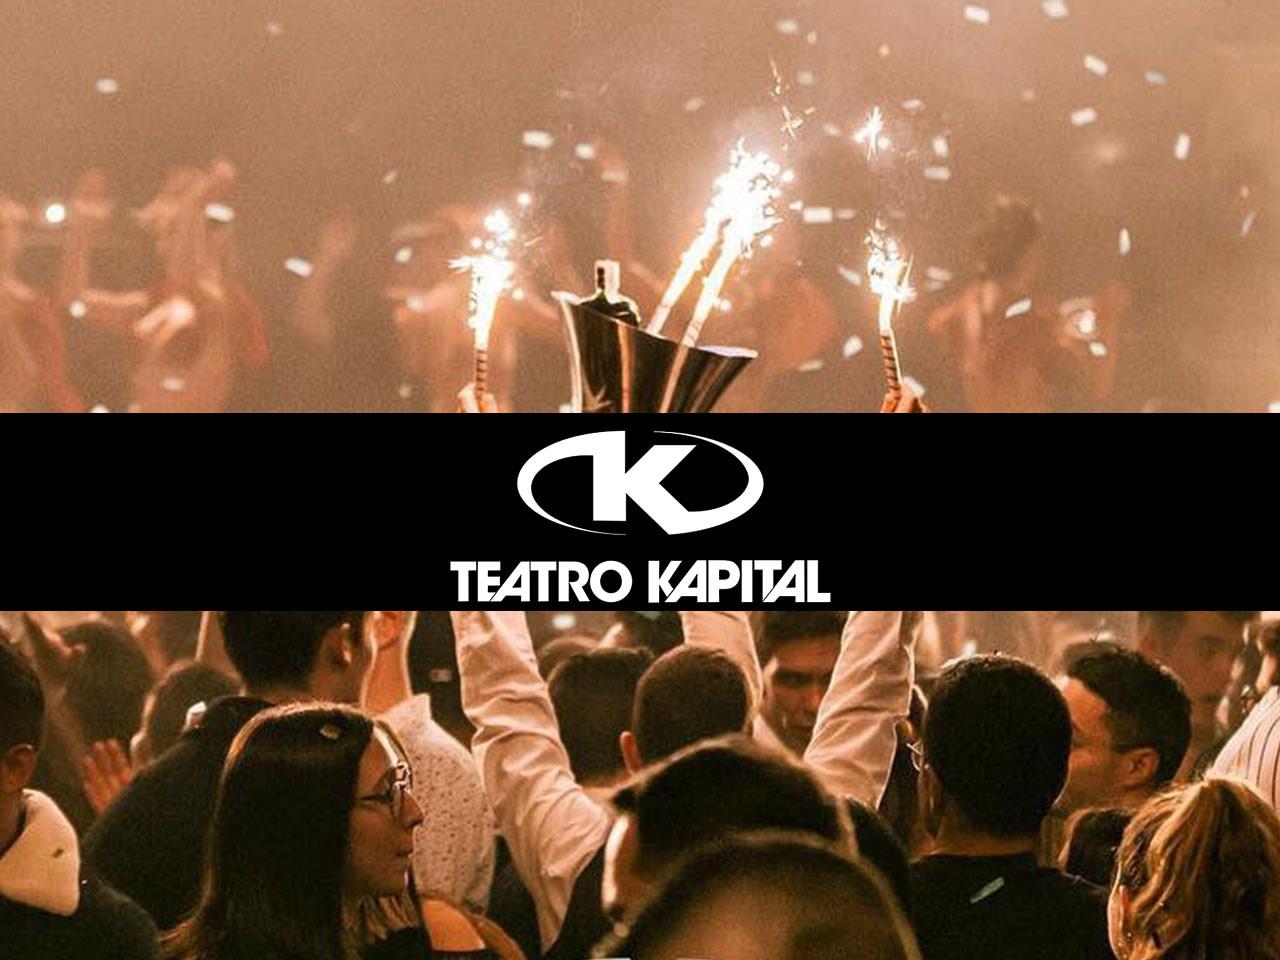 Kapital Madrid